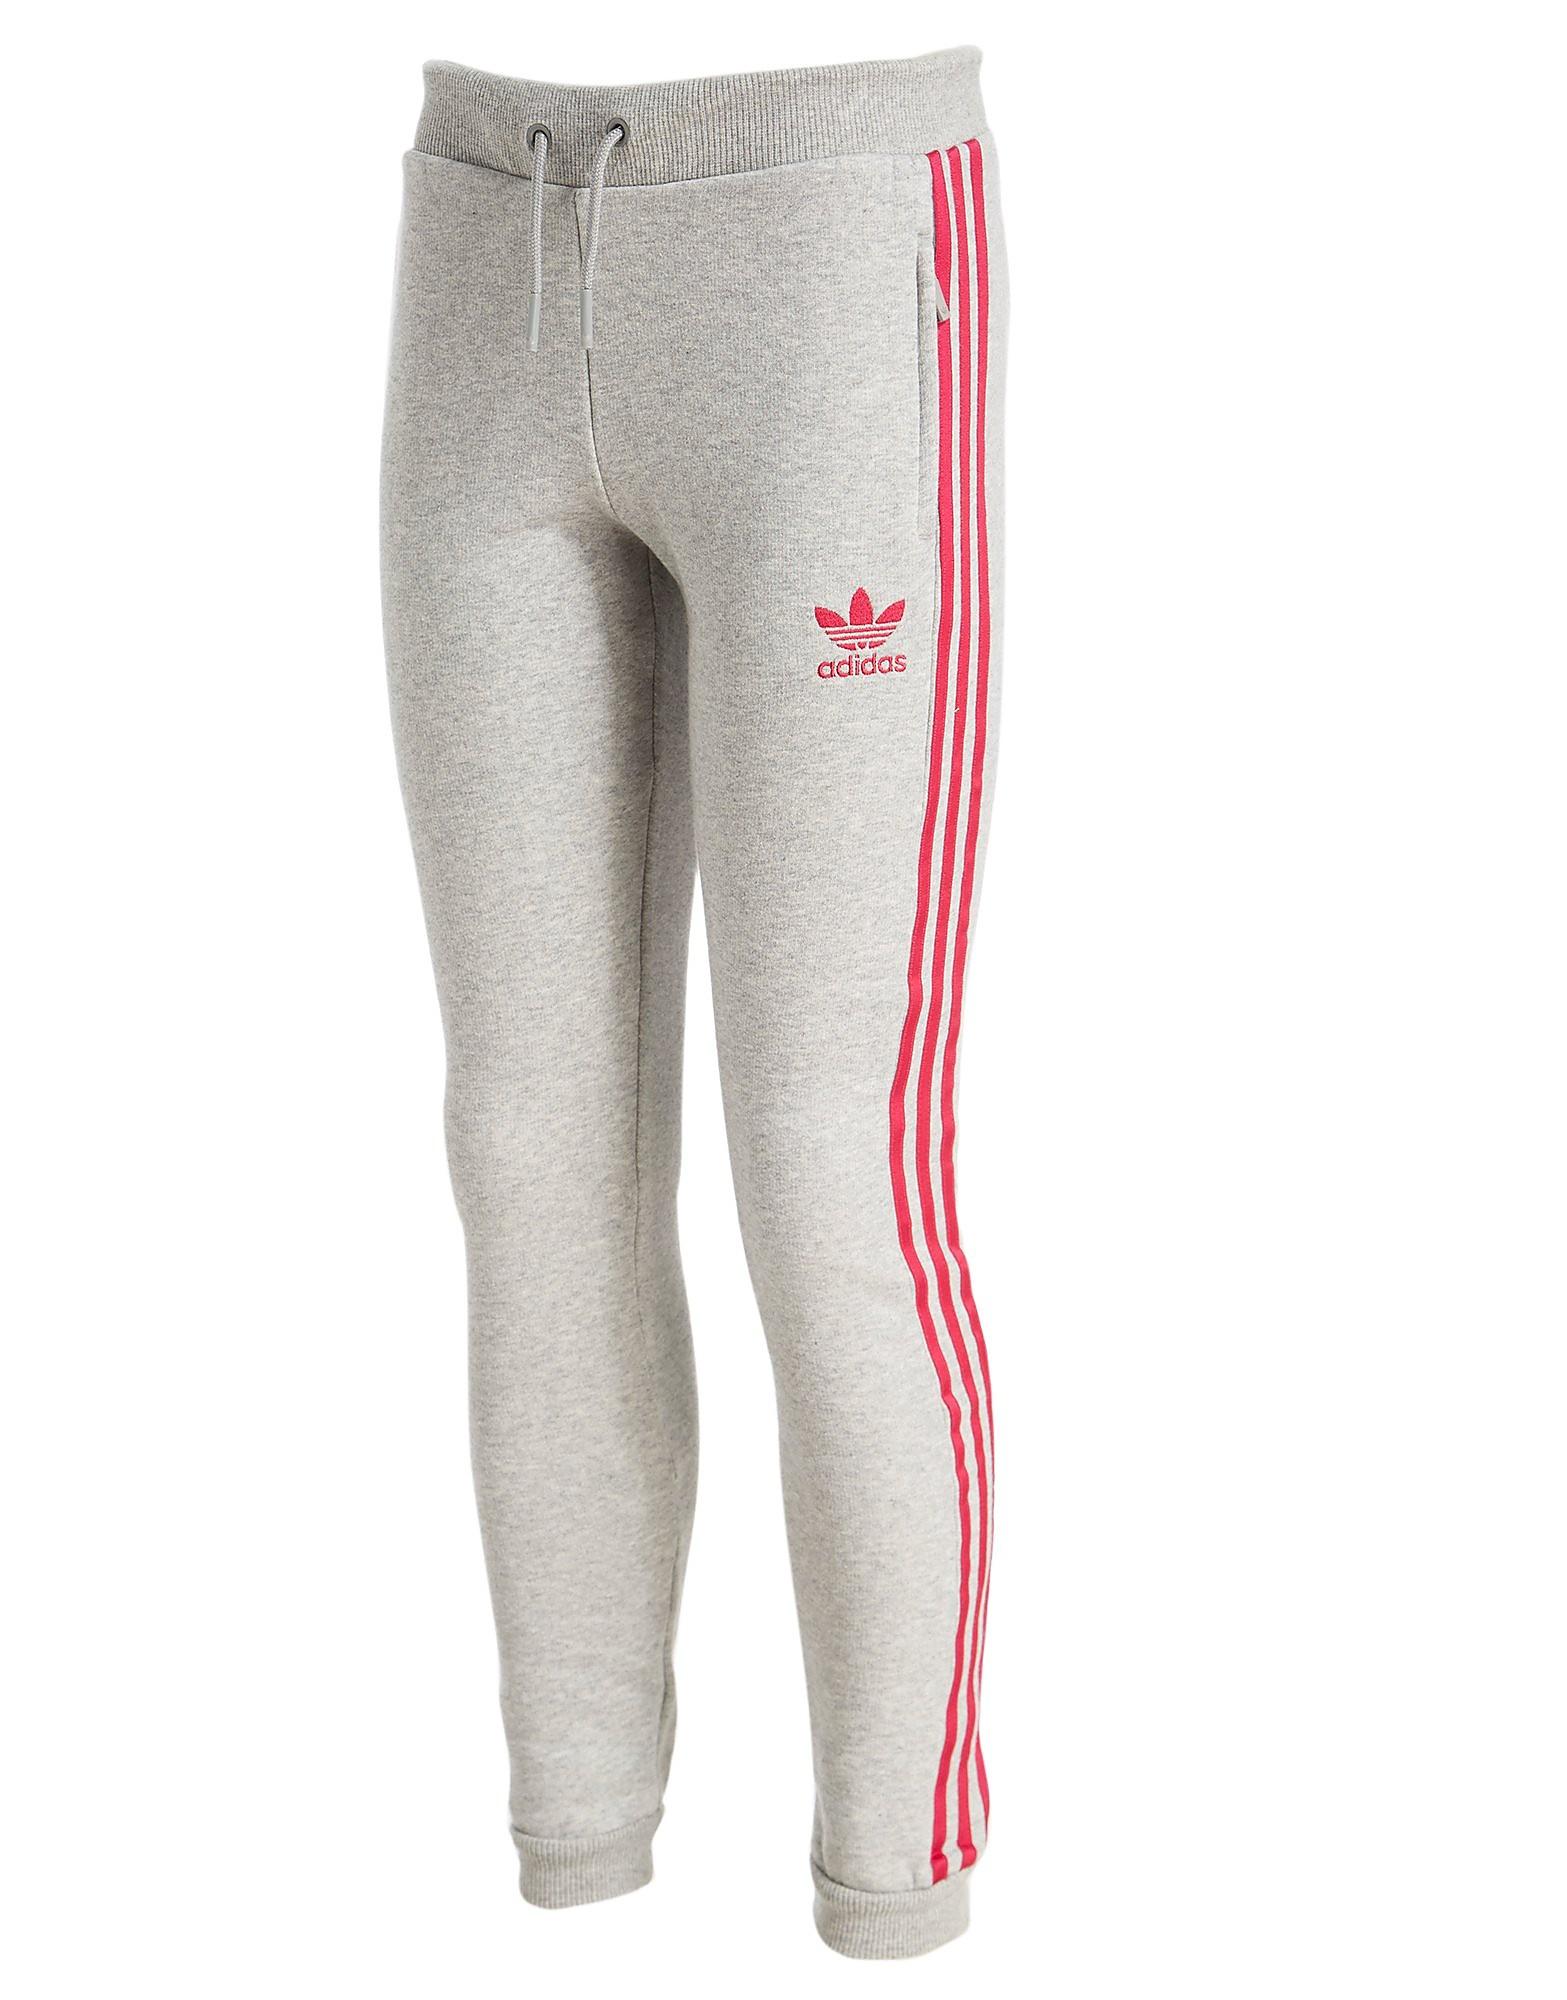 adidas Originals Pantaloni tuta Girls' Slim per ragazzi